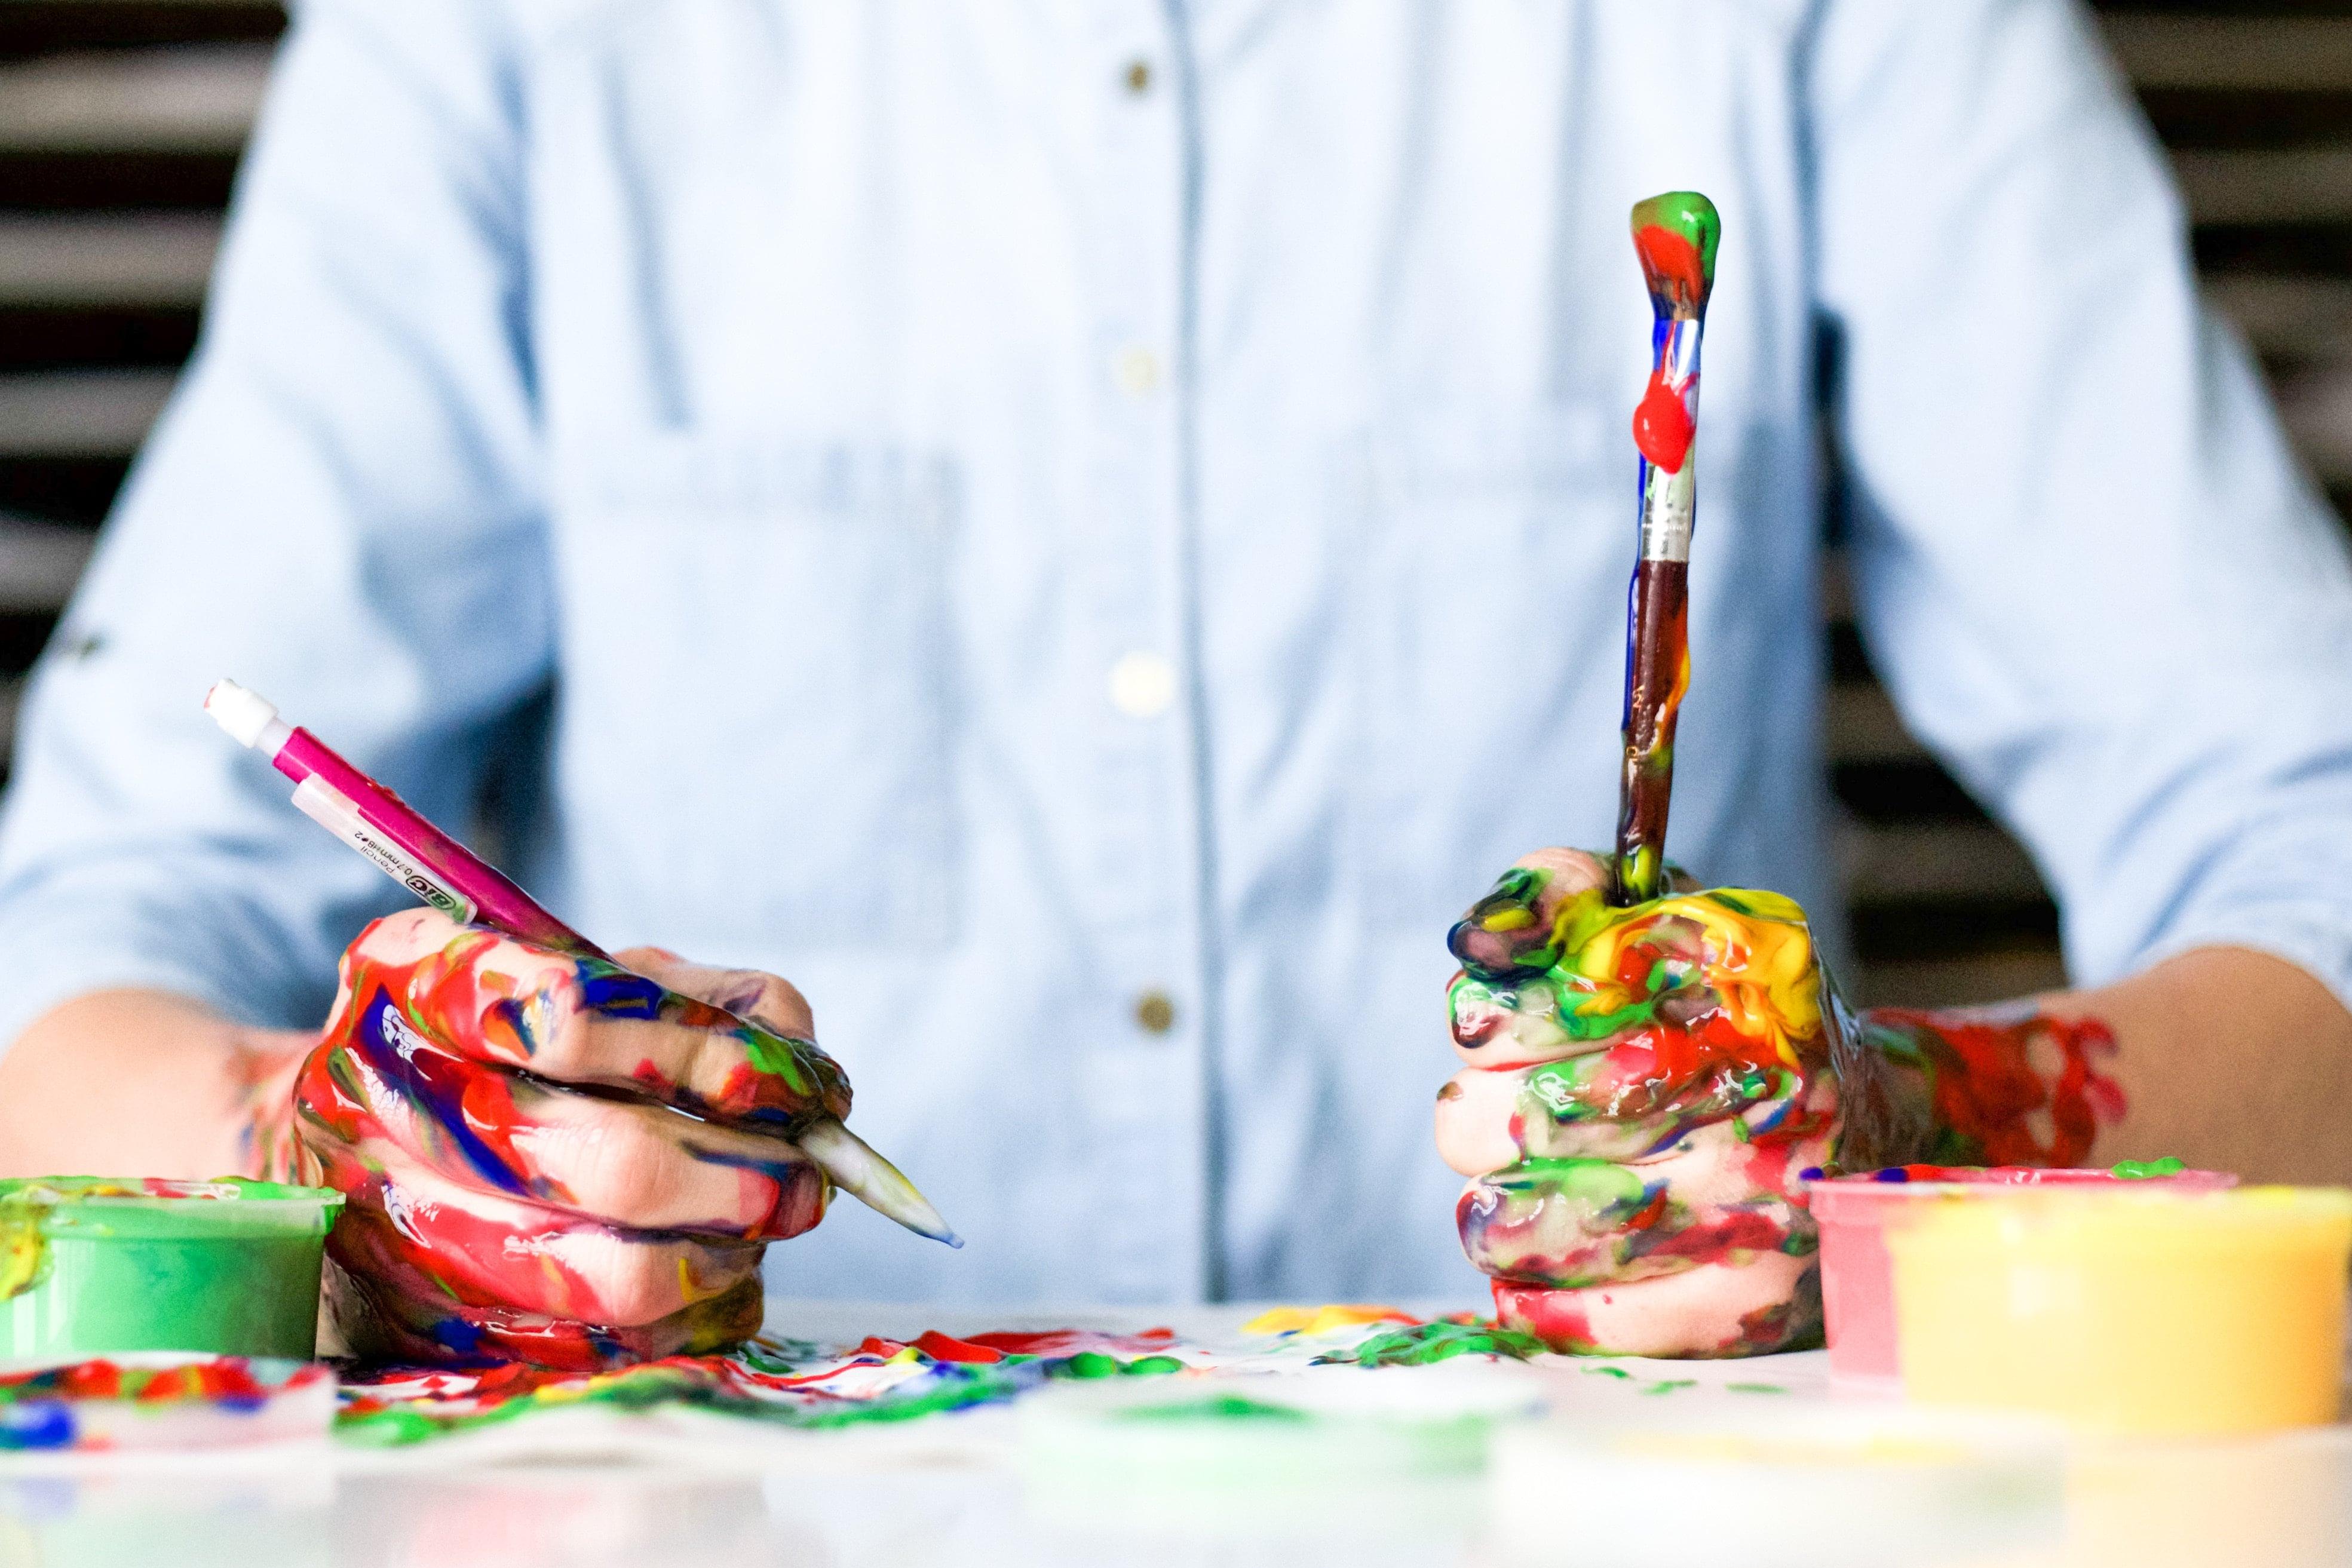 webdesign 6 conseils pour taper dans l'oeil de l'internaute